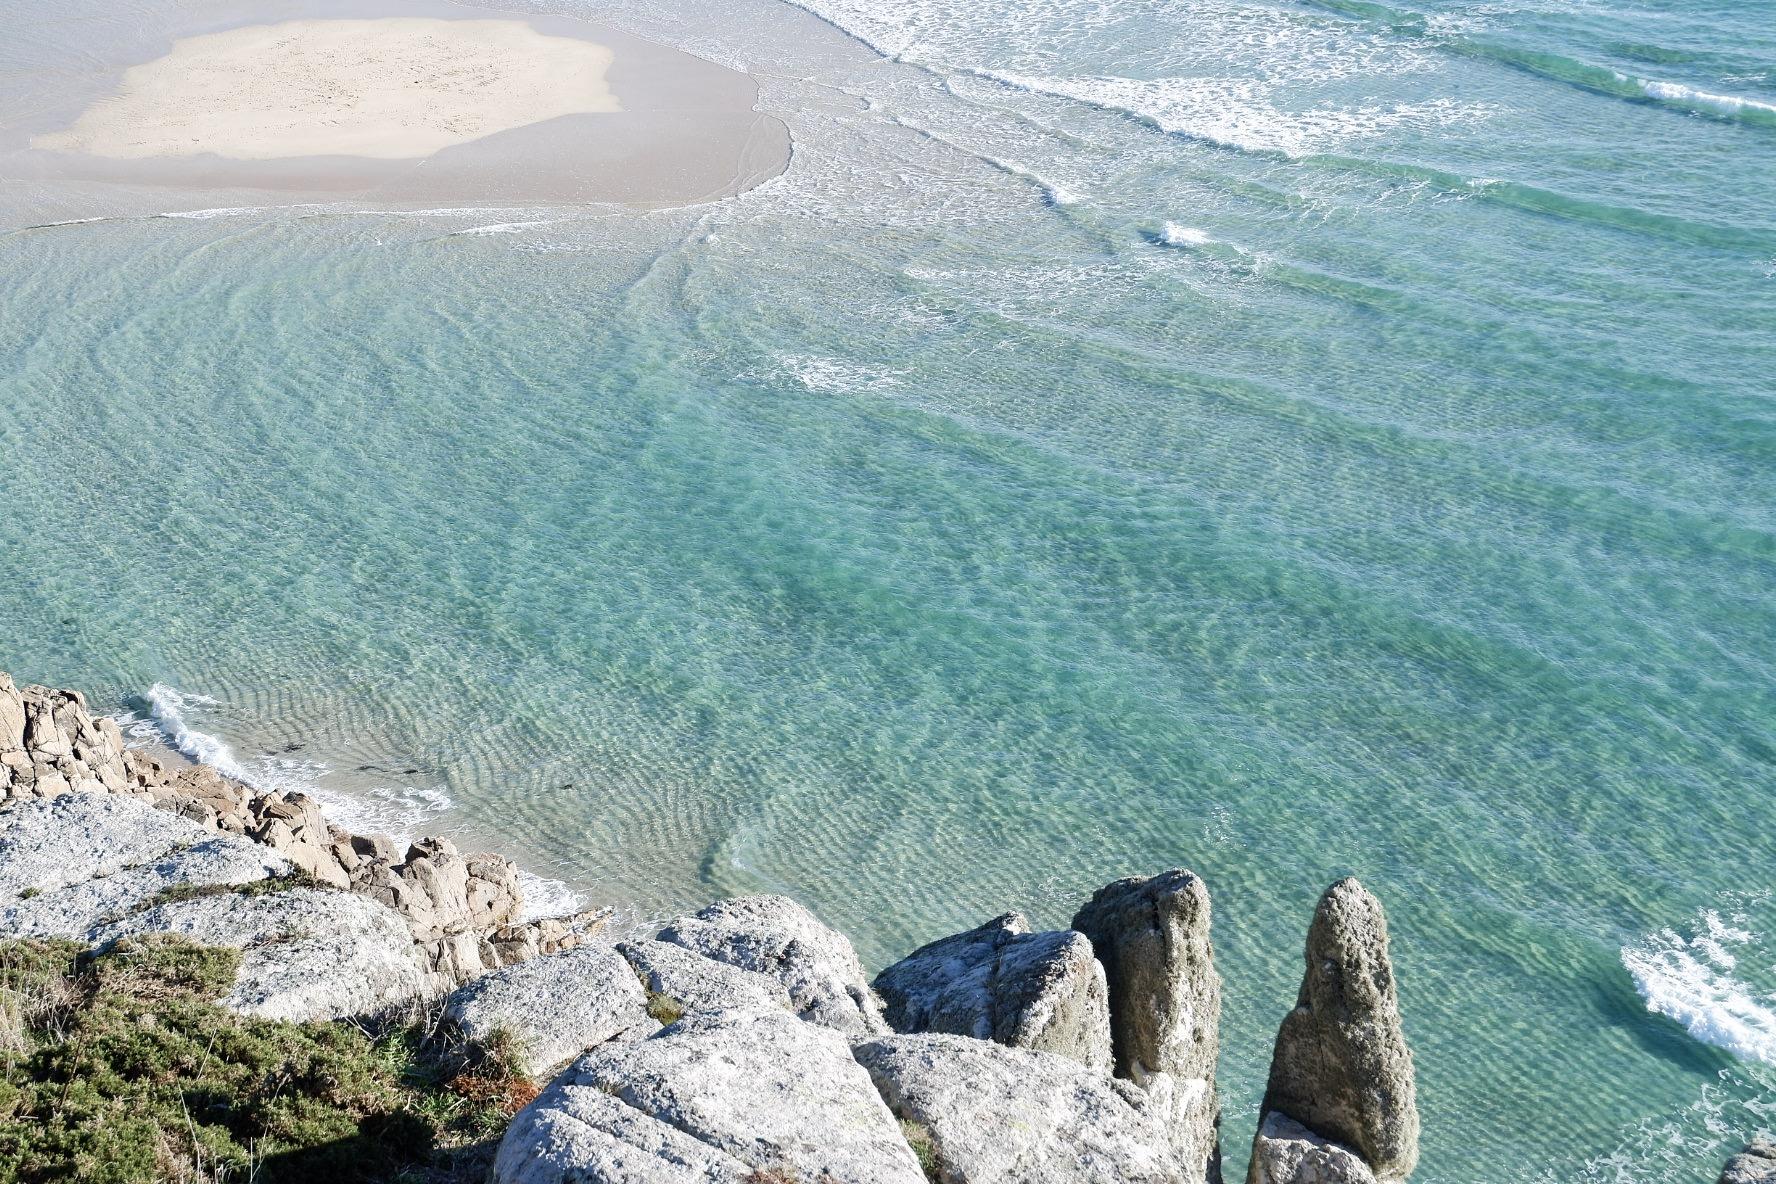 Pedn Vounder, Cornwall